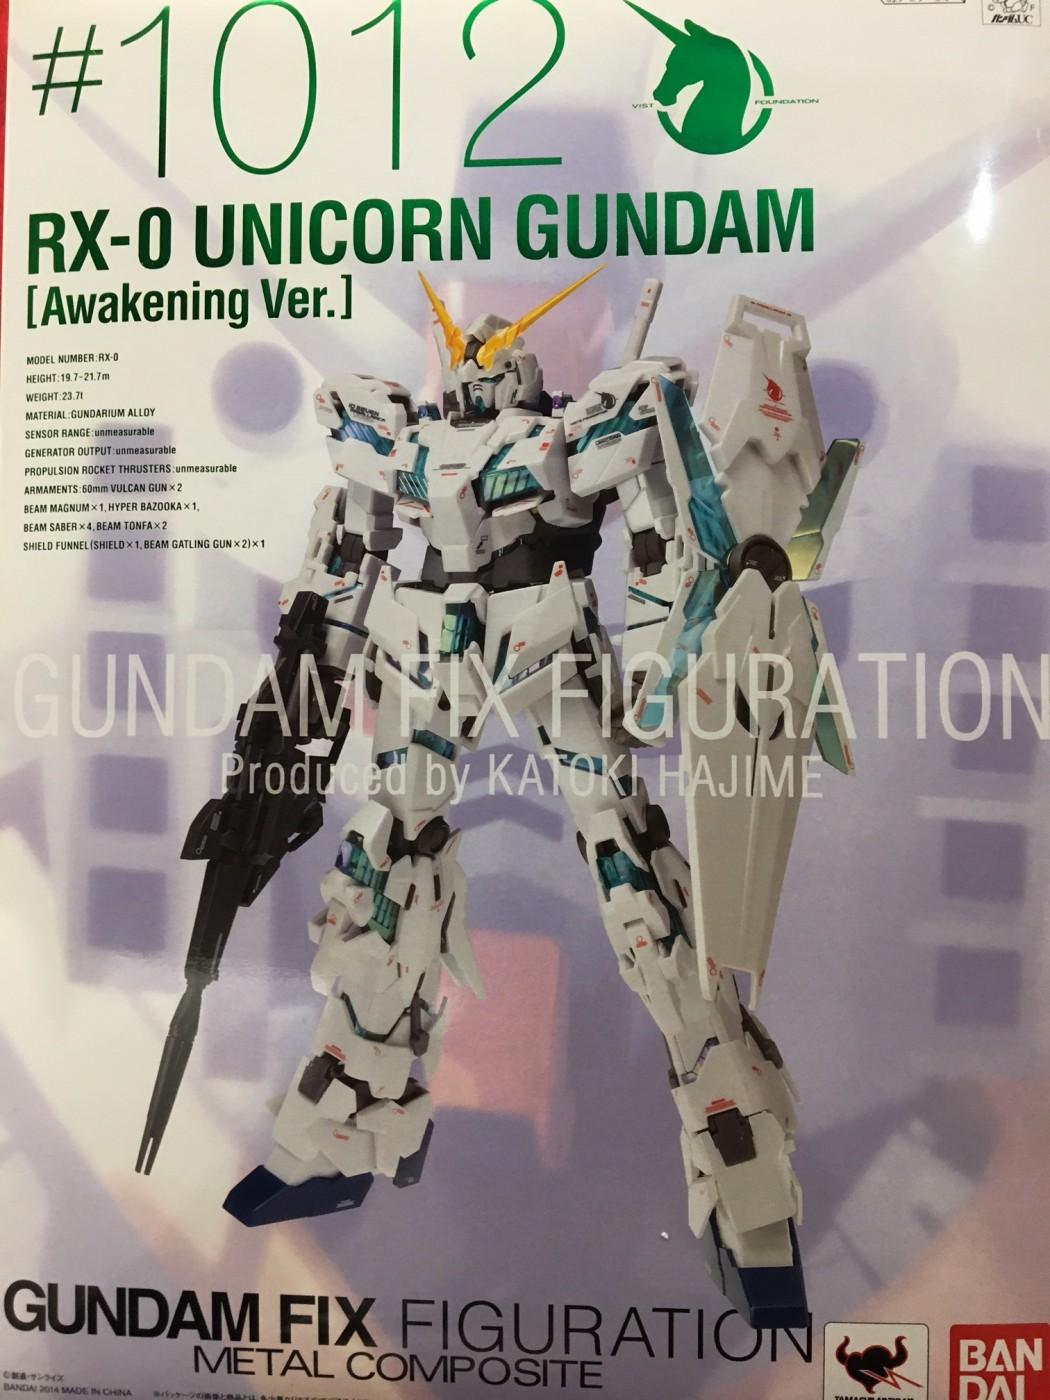 買取情報『バンダイのGUNDAM FIX FIGURATION METAL COMPOSITE ユニコーンガンダム(覚醒仕様)』